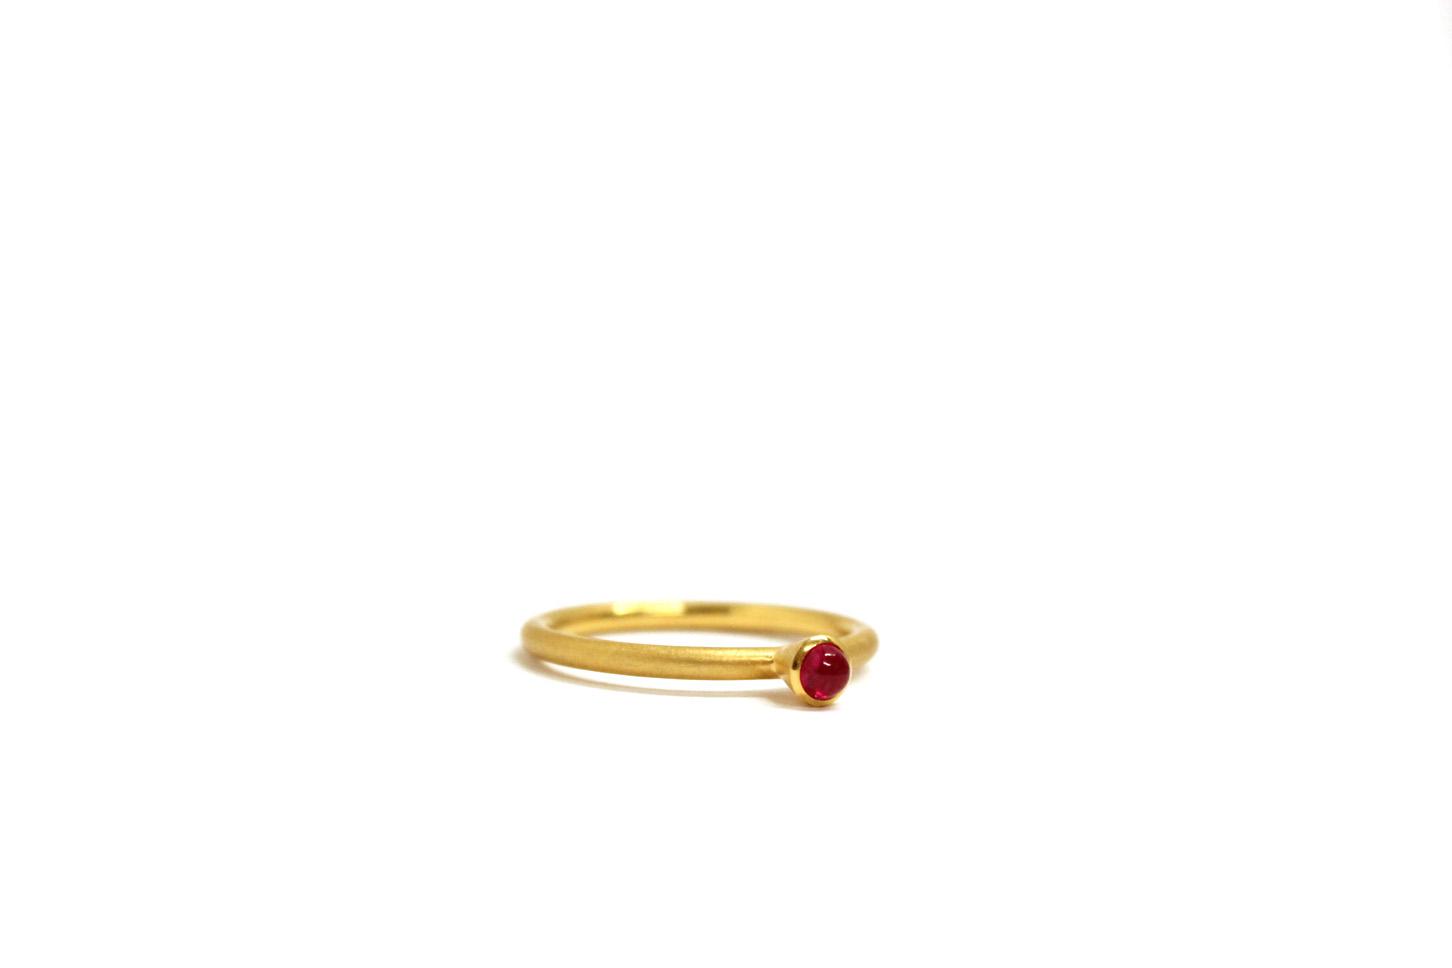 Farbenspiel Ring Gelbgold mit Rubin